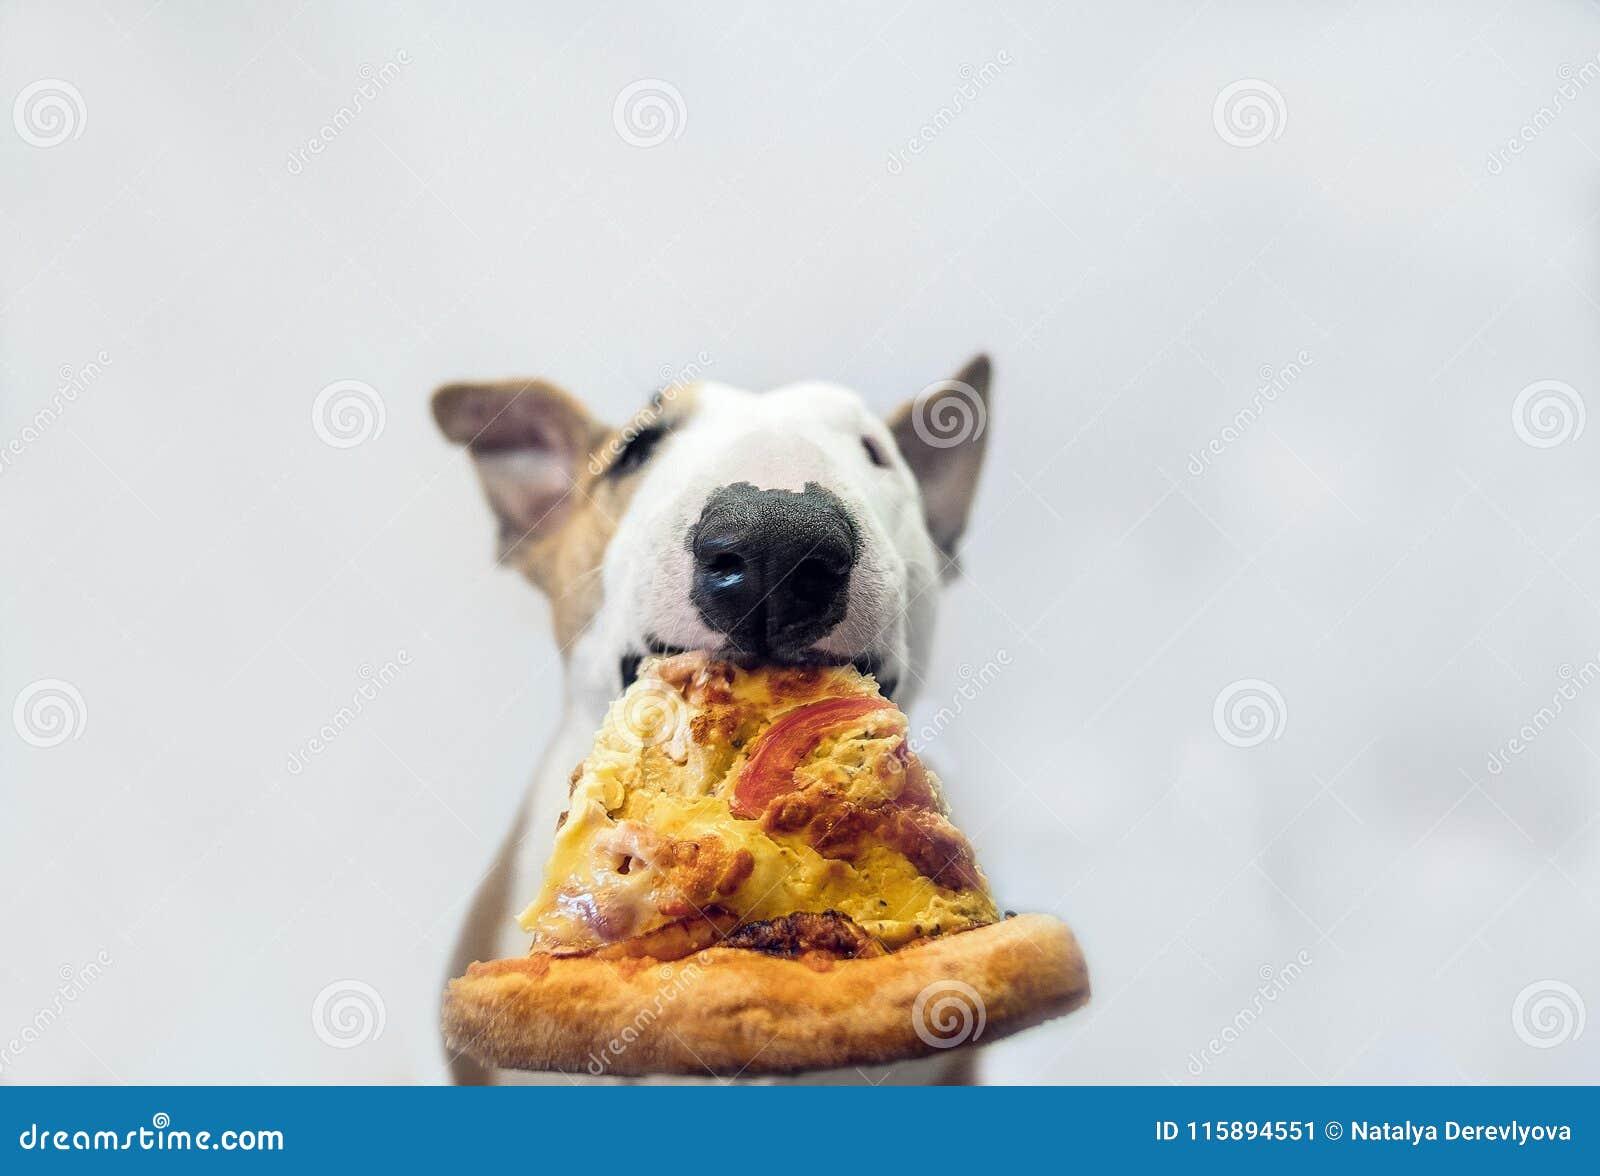 O cão come uma pizza suculenta saboroso e olha de sobrancelhas franzidas bastante